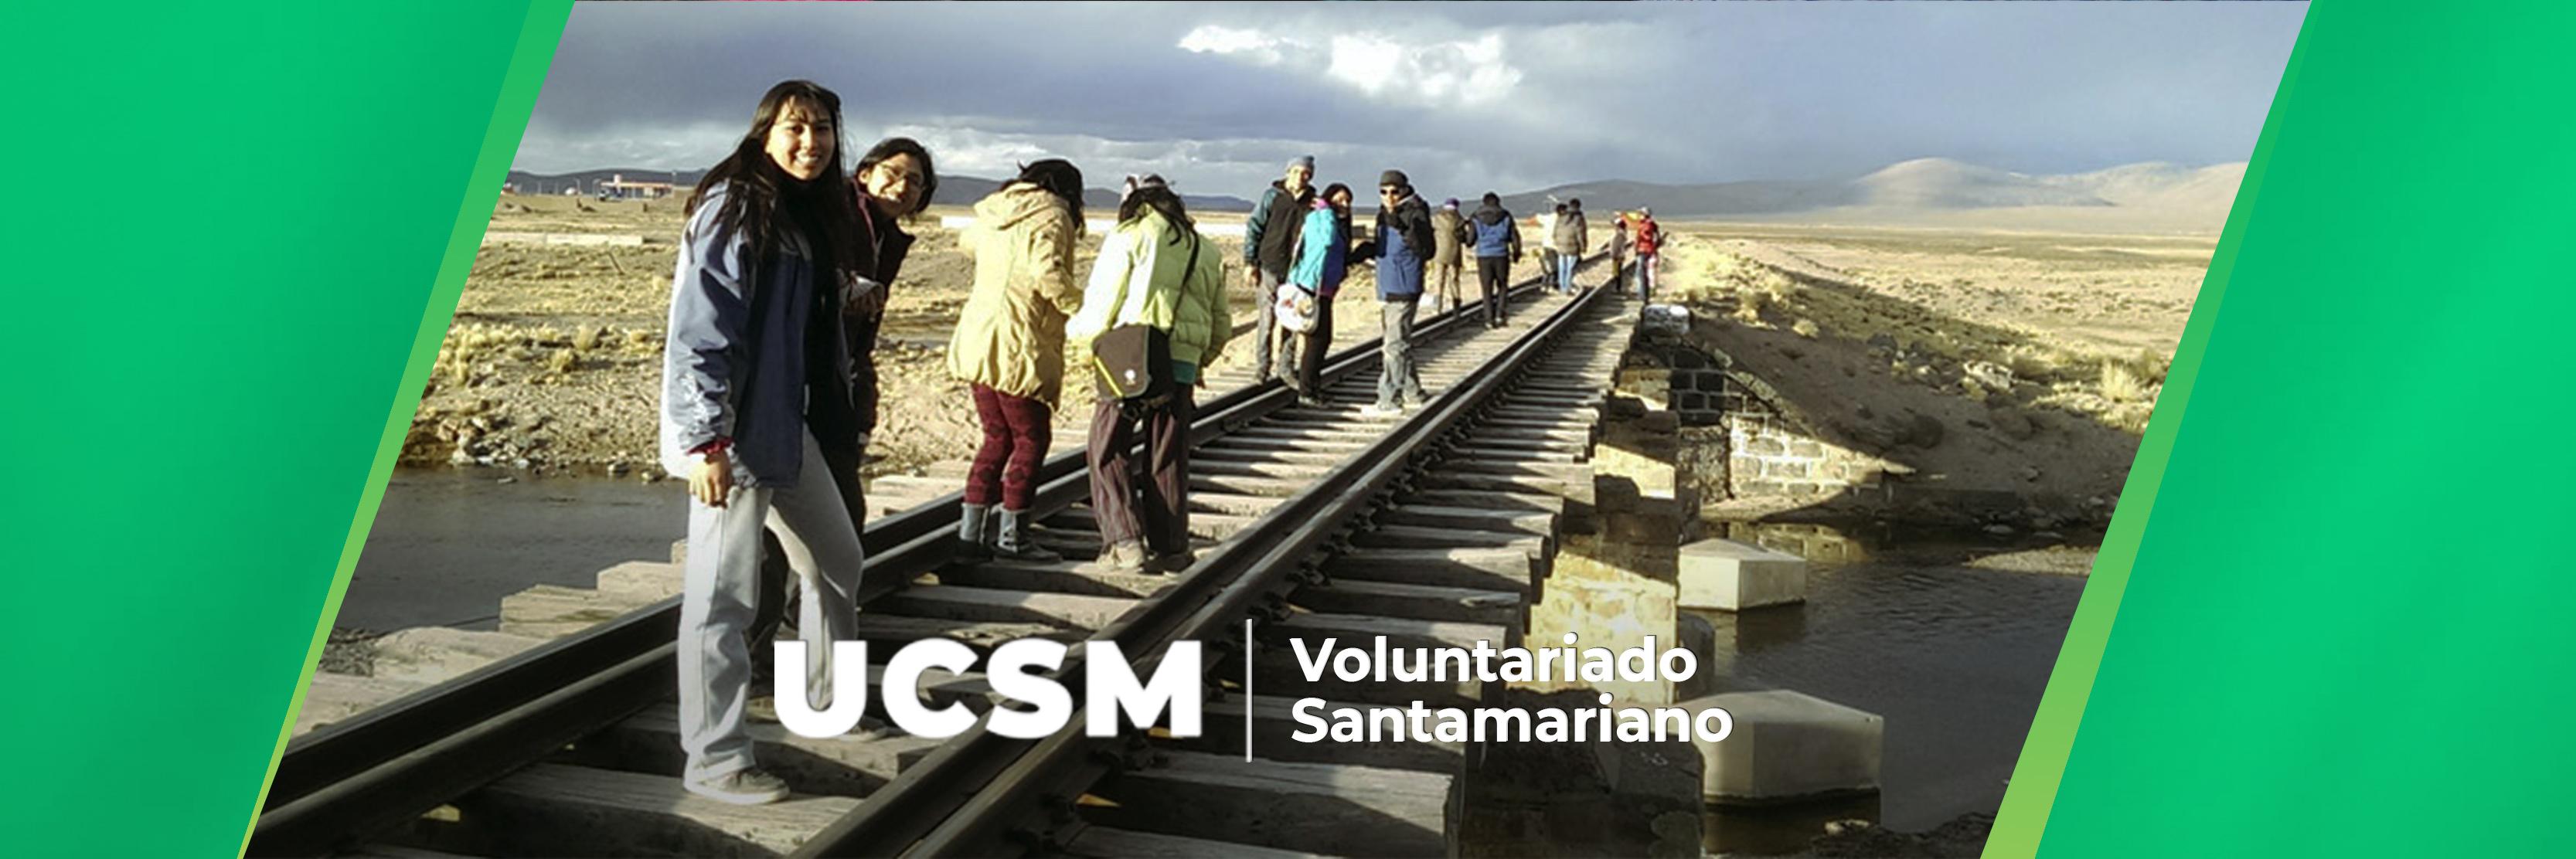 voluntariado-santamariano